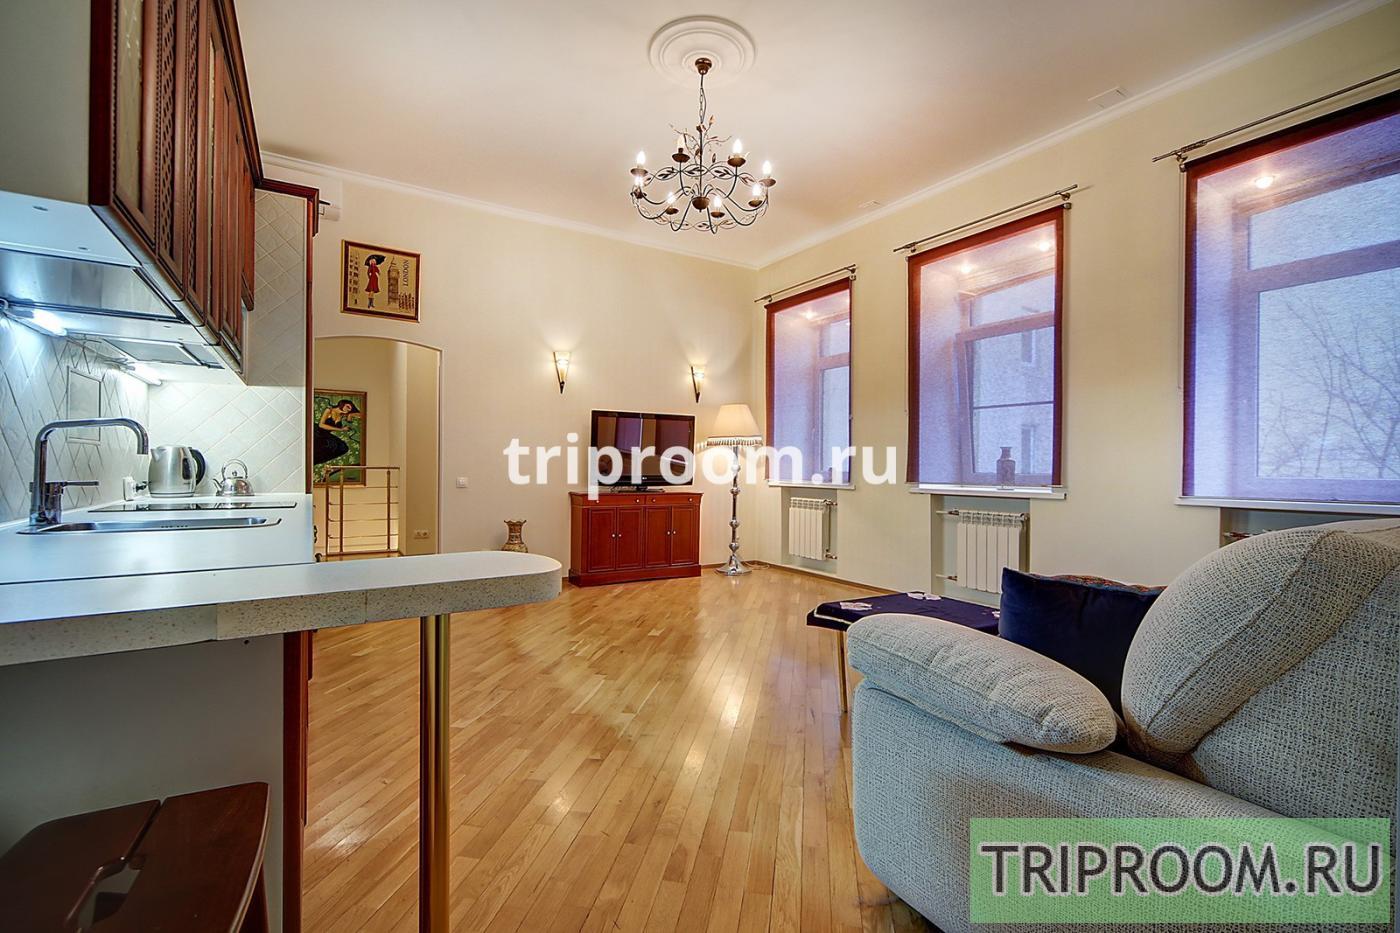 2-комнатная квартира посуточно (вариант № 15116), ул. Большая Конюшенная улица, фото № 4